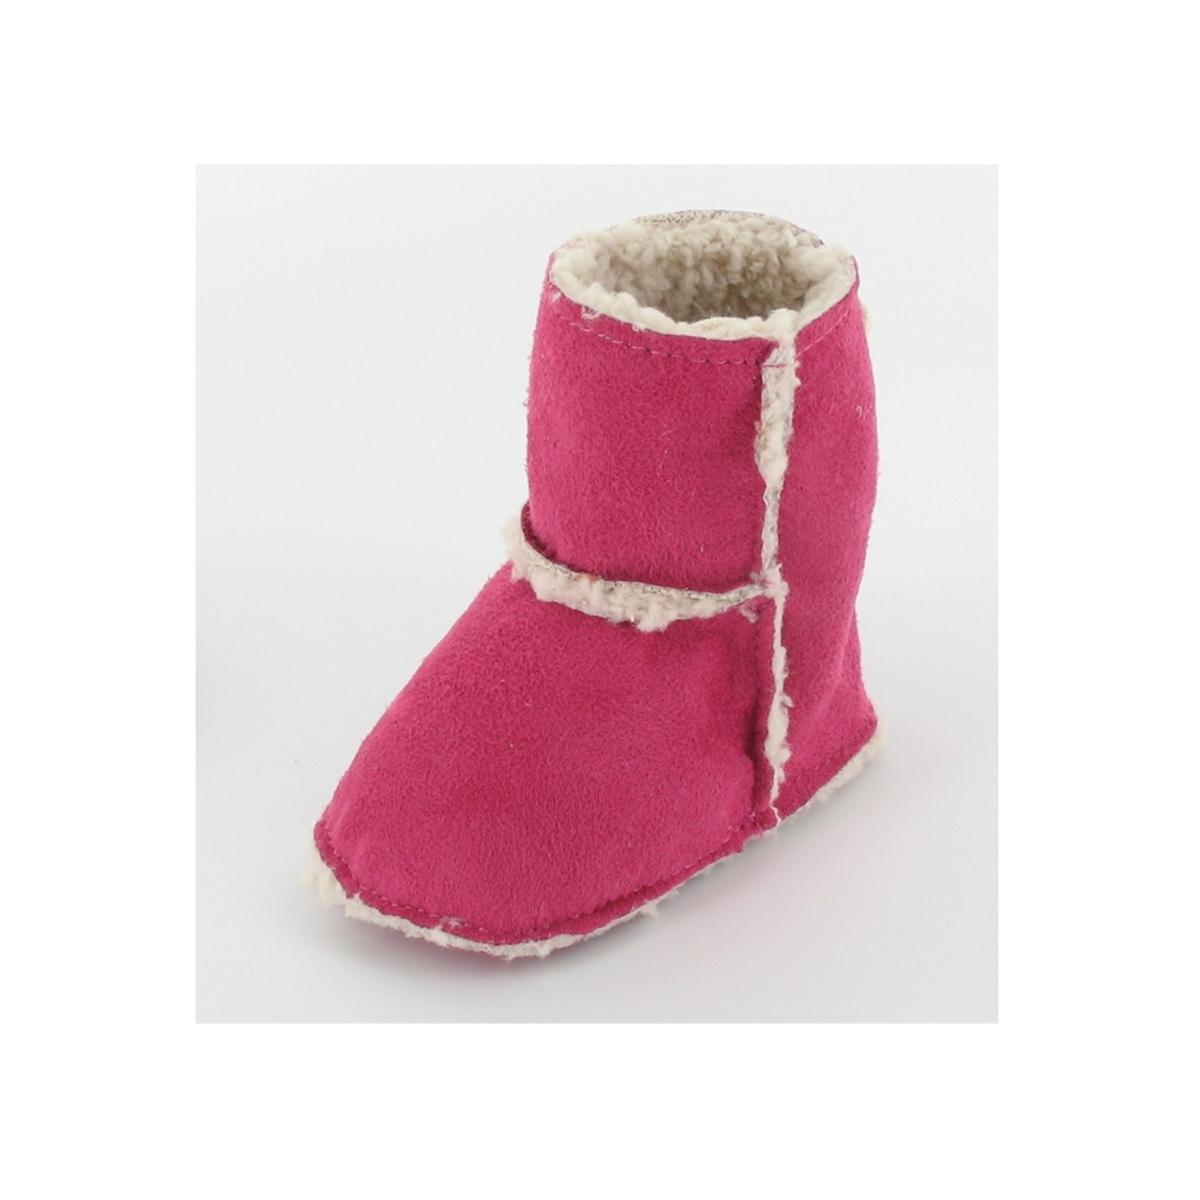 Mon petit chausson Bottes Fourrées Colline 3 6 mois - Rose - LDLC ... b173b7d86fe0